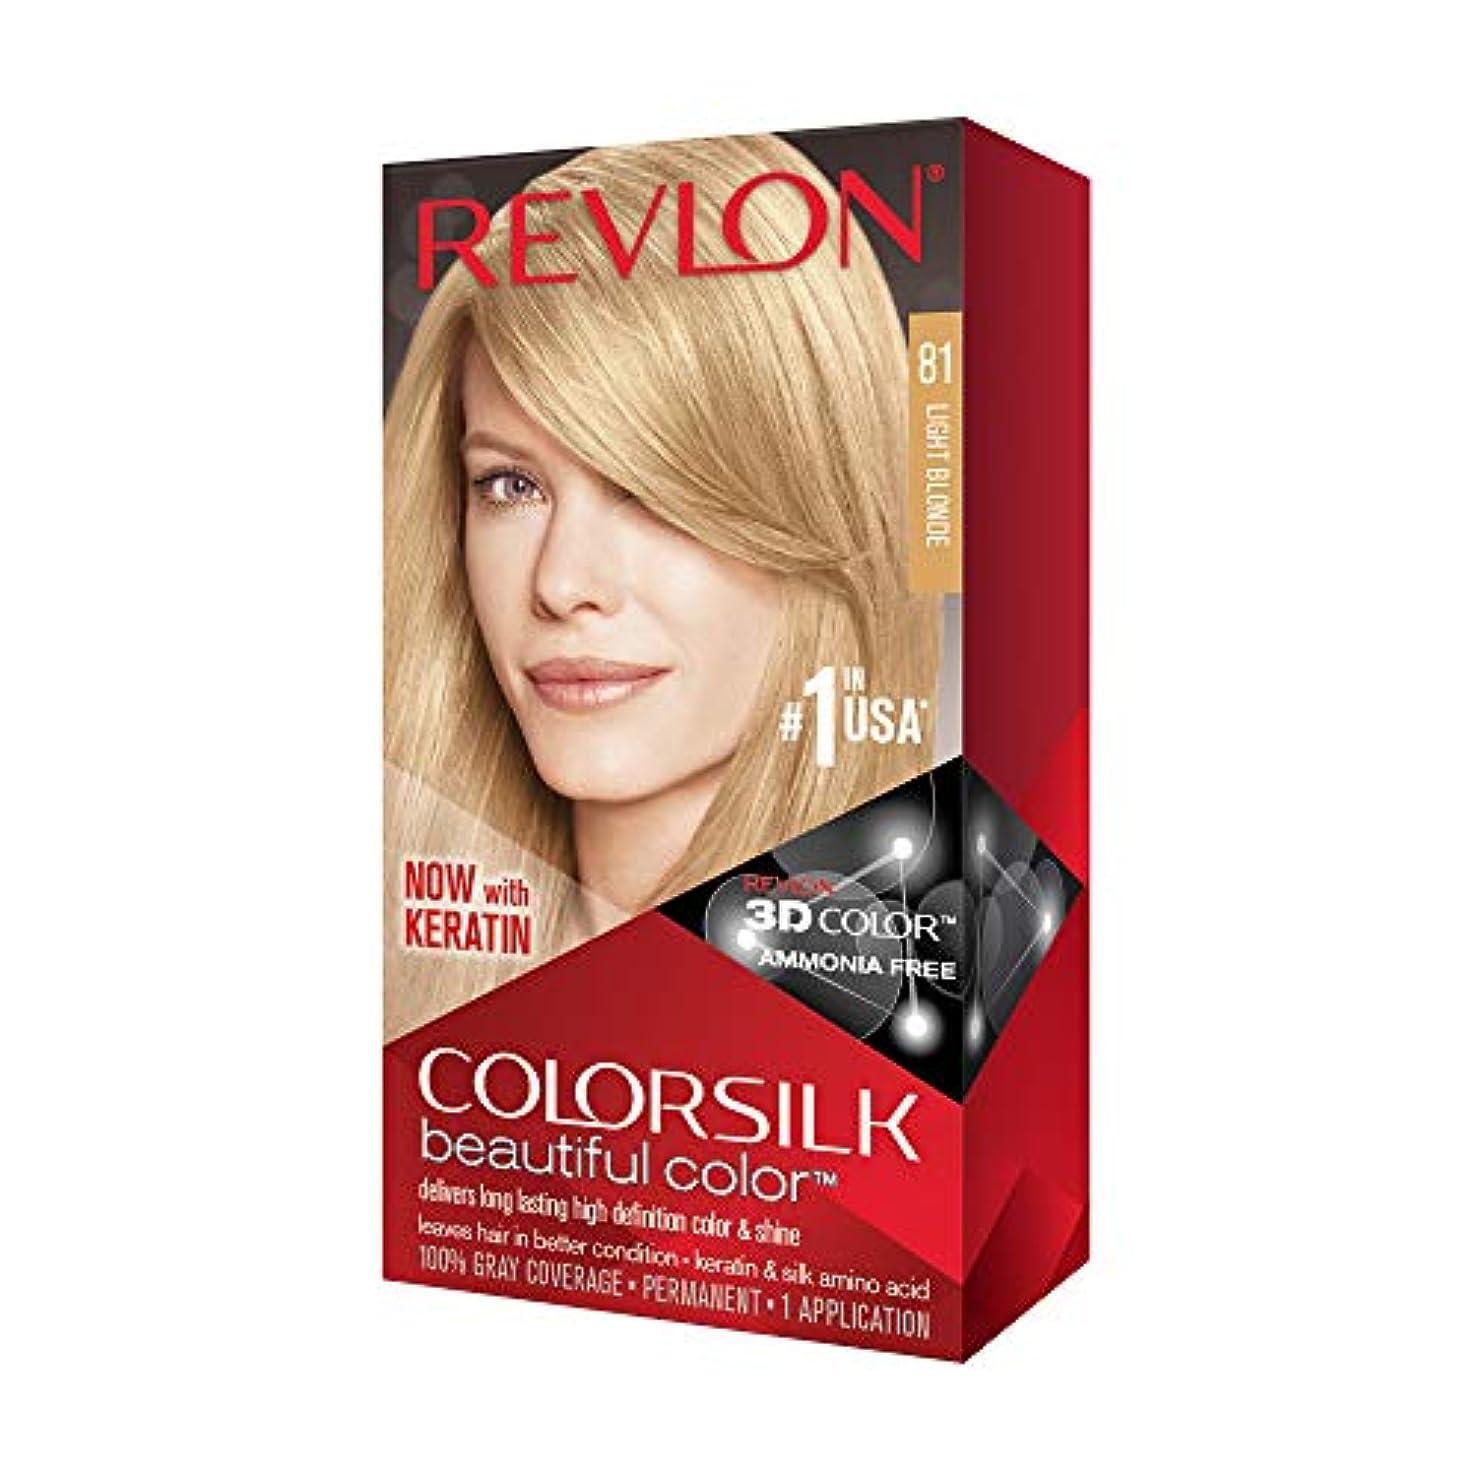 シェード対象はちみつRevlon Colorsilk美しい色、ライトブロンド、1つのカウント